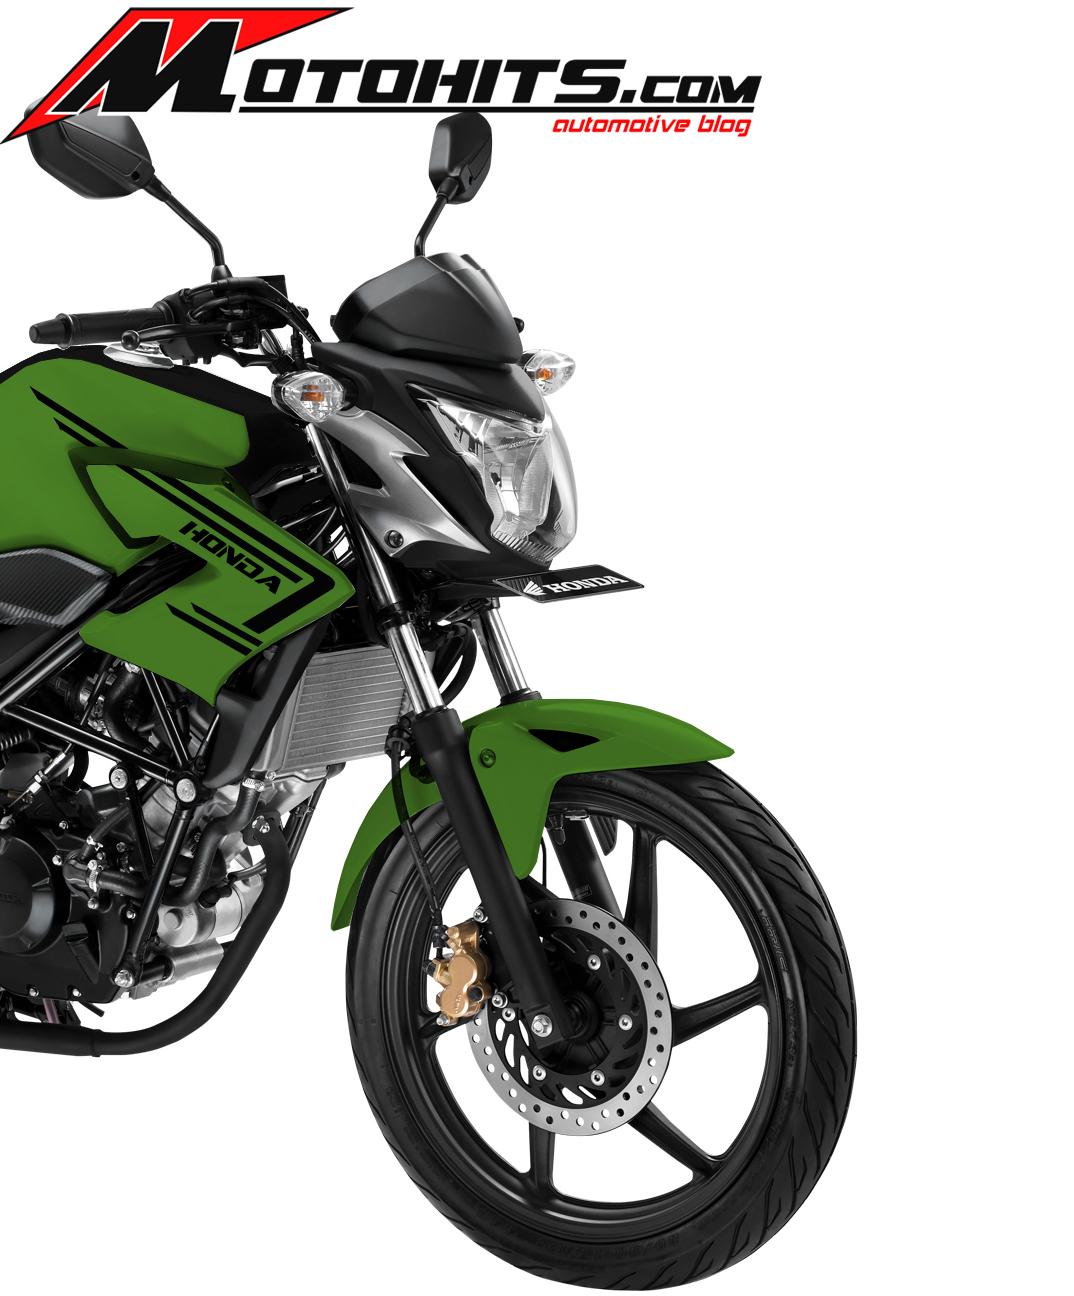 Modifikasi Motor Cb150r Ceper : modifikasi, motor, cb150r, ceper, Modifikasi, Motor, Cb150r, Warna, Hitam, Honda, Terbaru